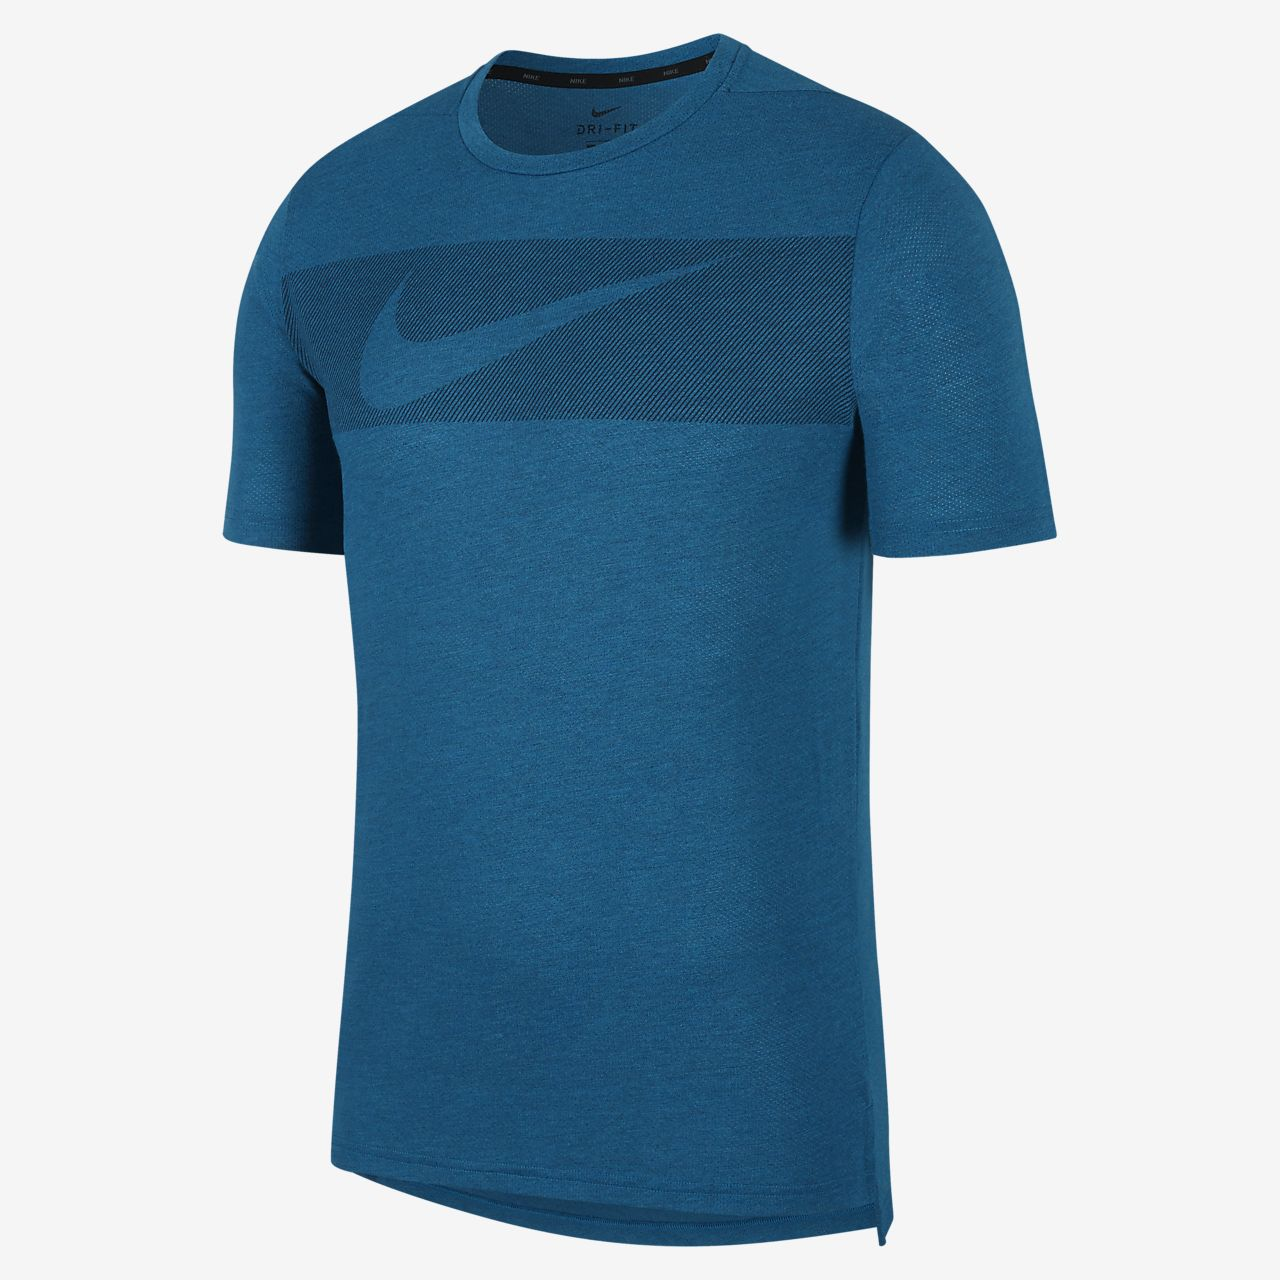 Męska koszulka treningowa z krótkim rękawem Nike Breathe